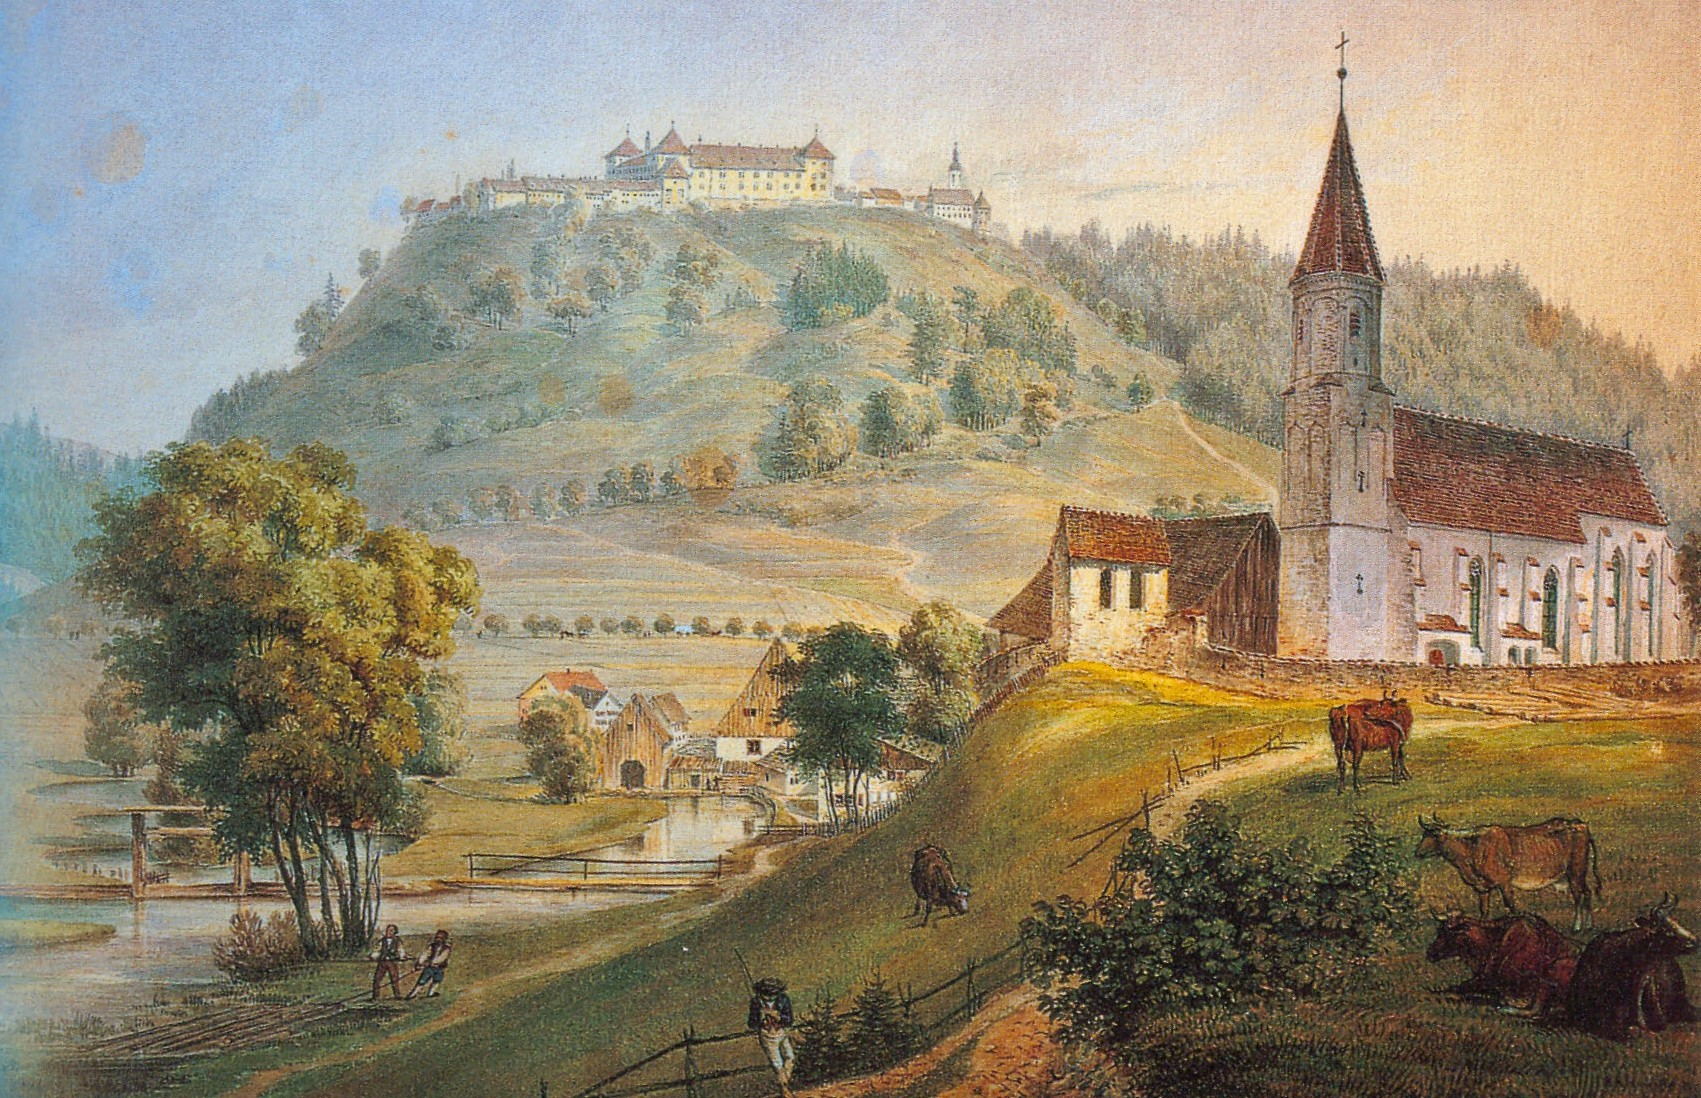 Nuestra Señora de Lourdes de Kirchdorf, Fantástica Curación y Mensajes, Austria (18 nov)